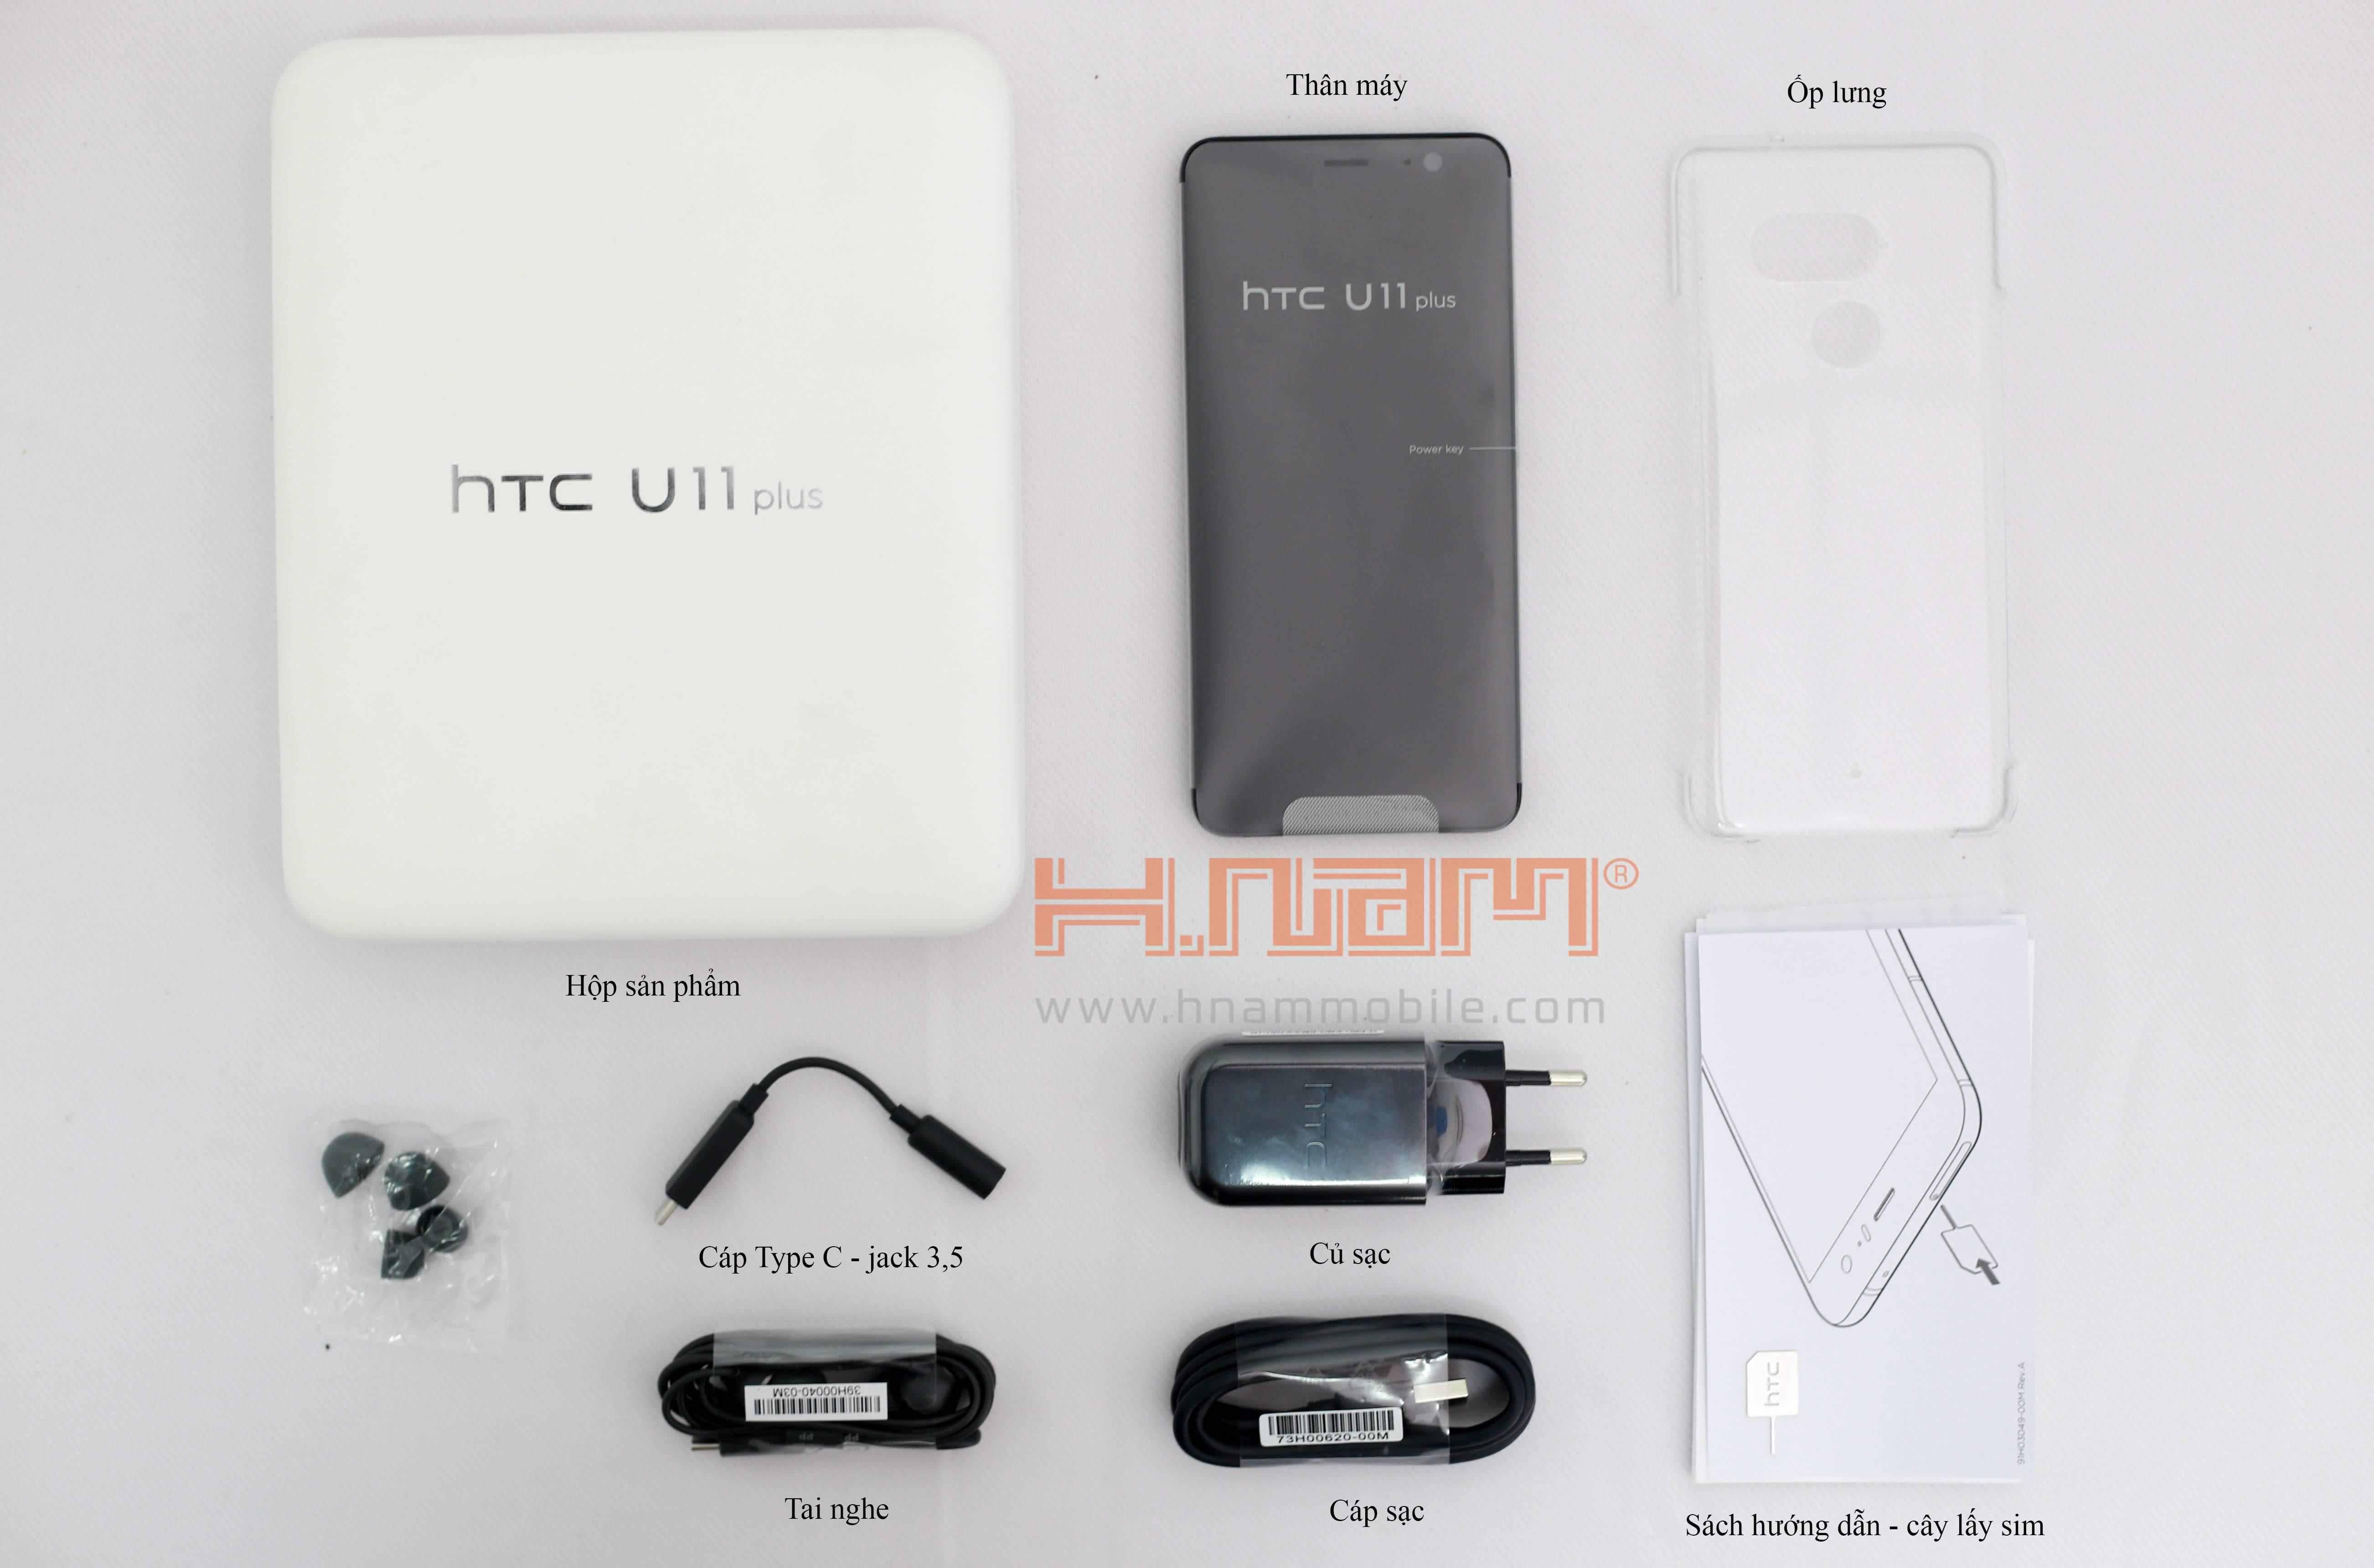 HTC U11 Plus hình sản phẩm 0